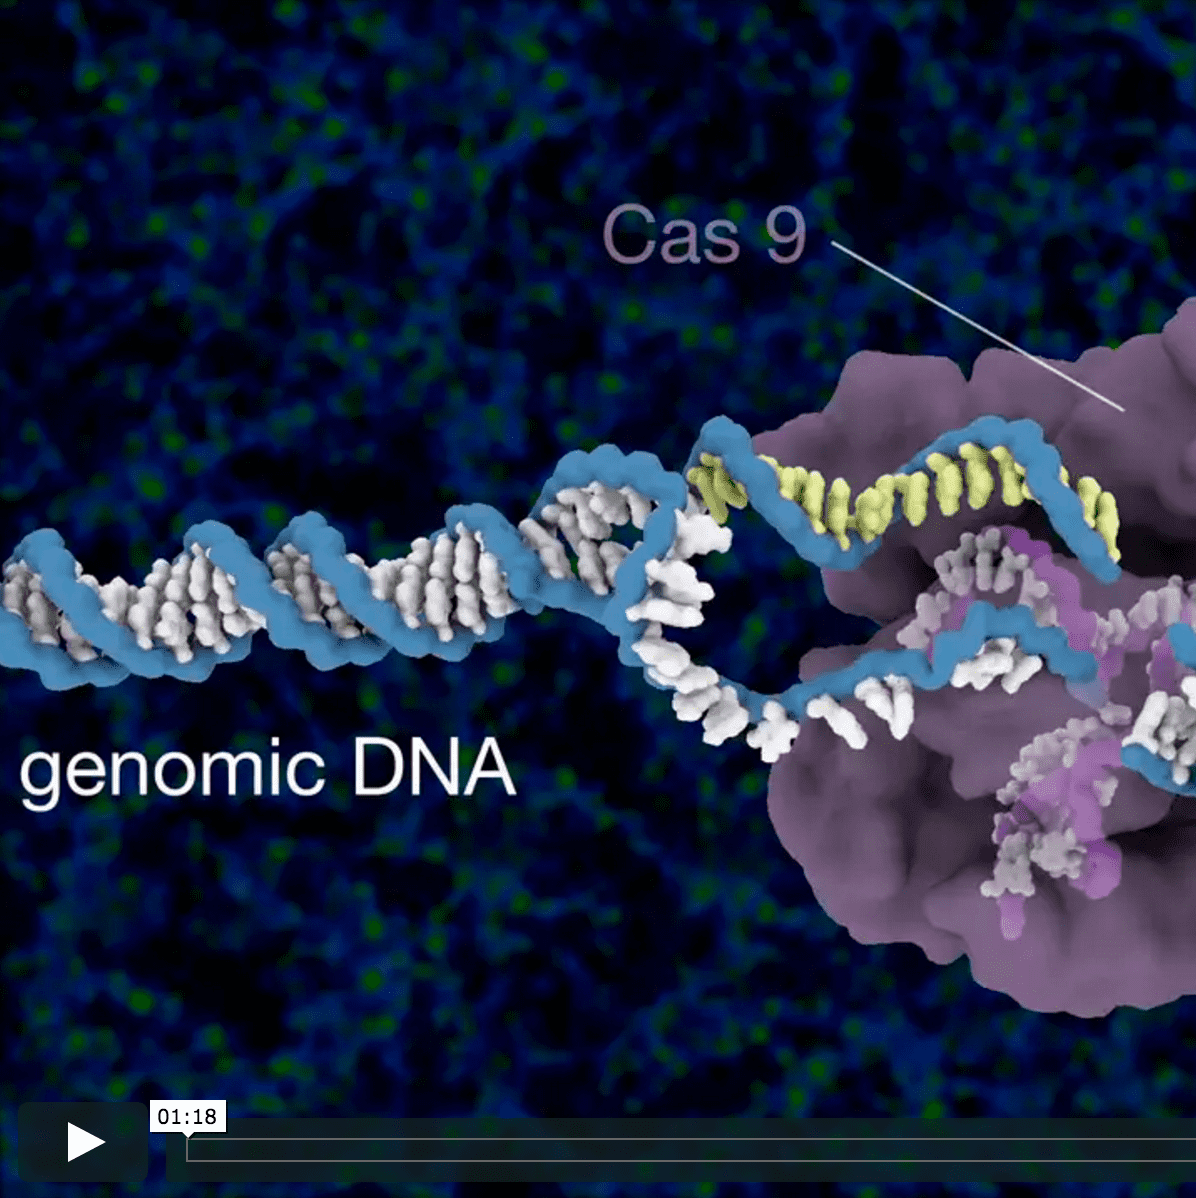 Cartoon of CRISPR-Cas9 cutting DNA